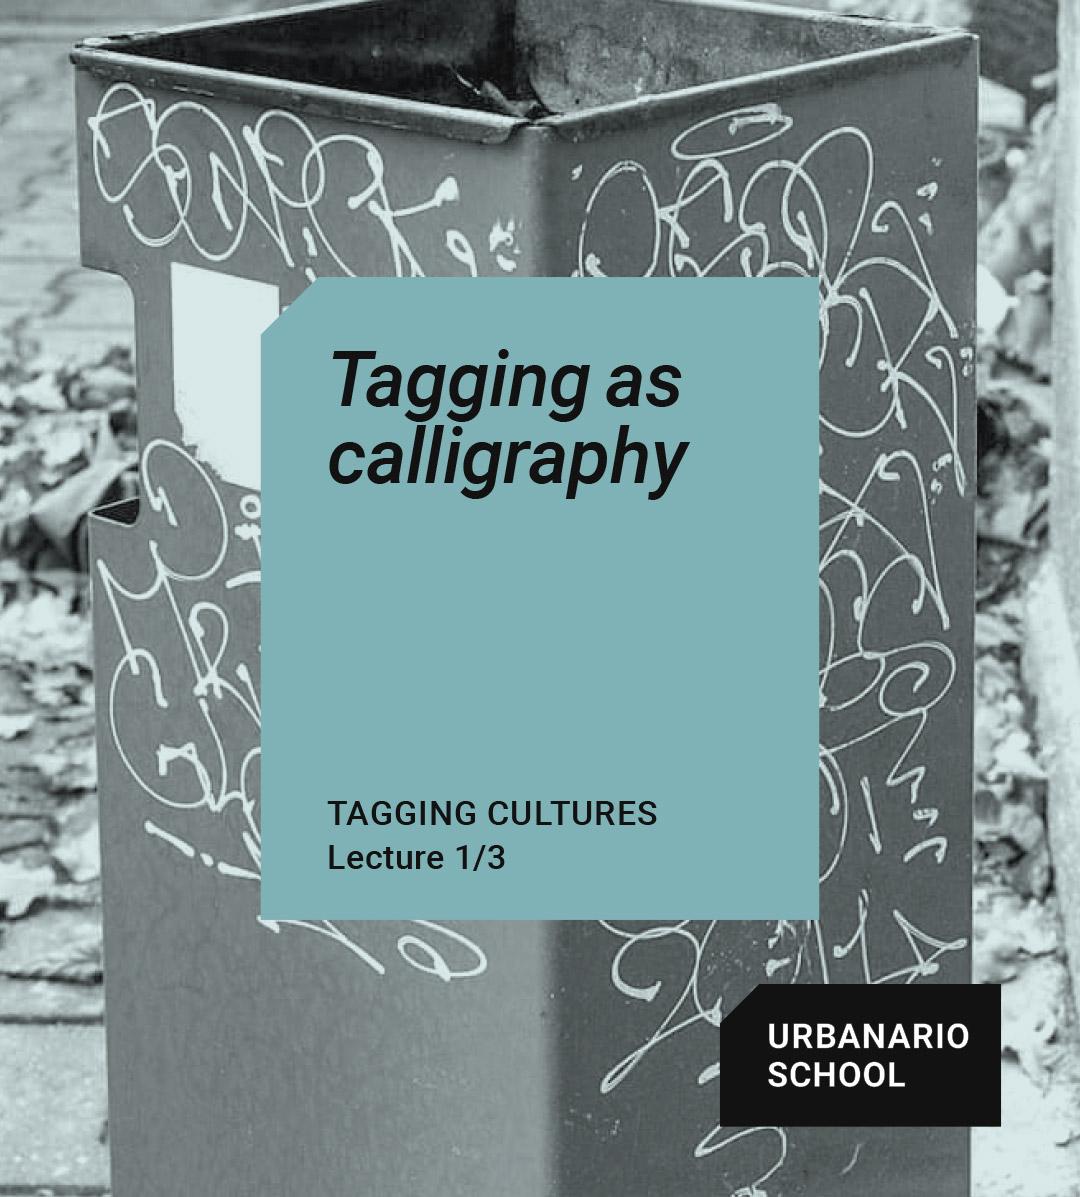 Tagging as calligraphy - Urbanario School